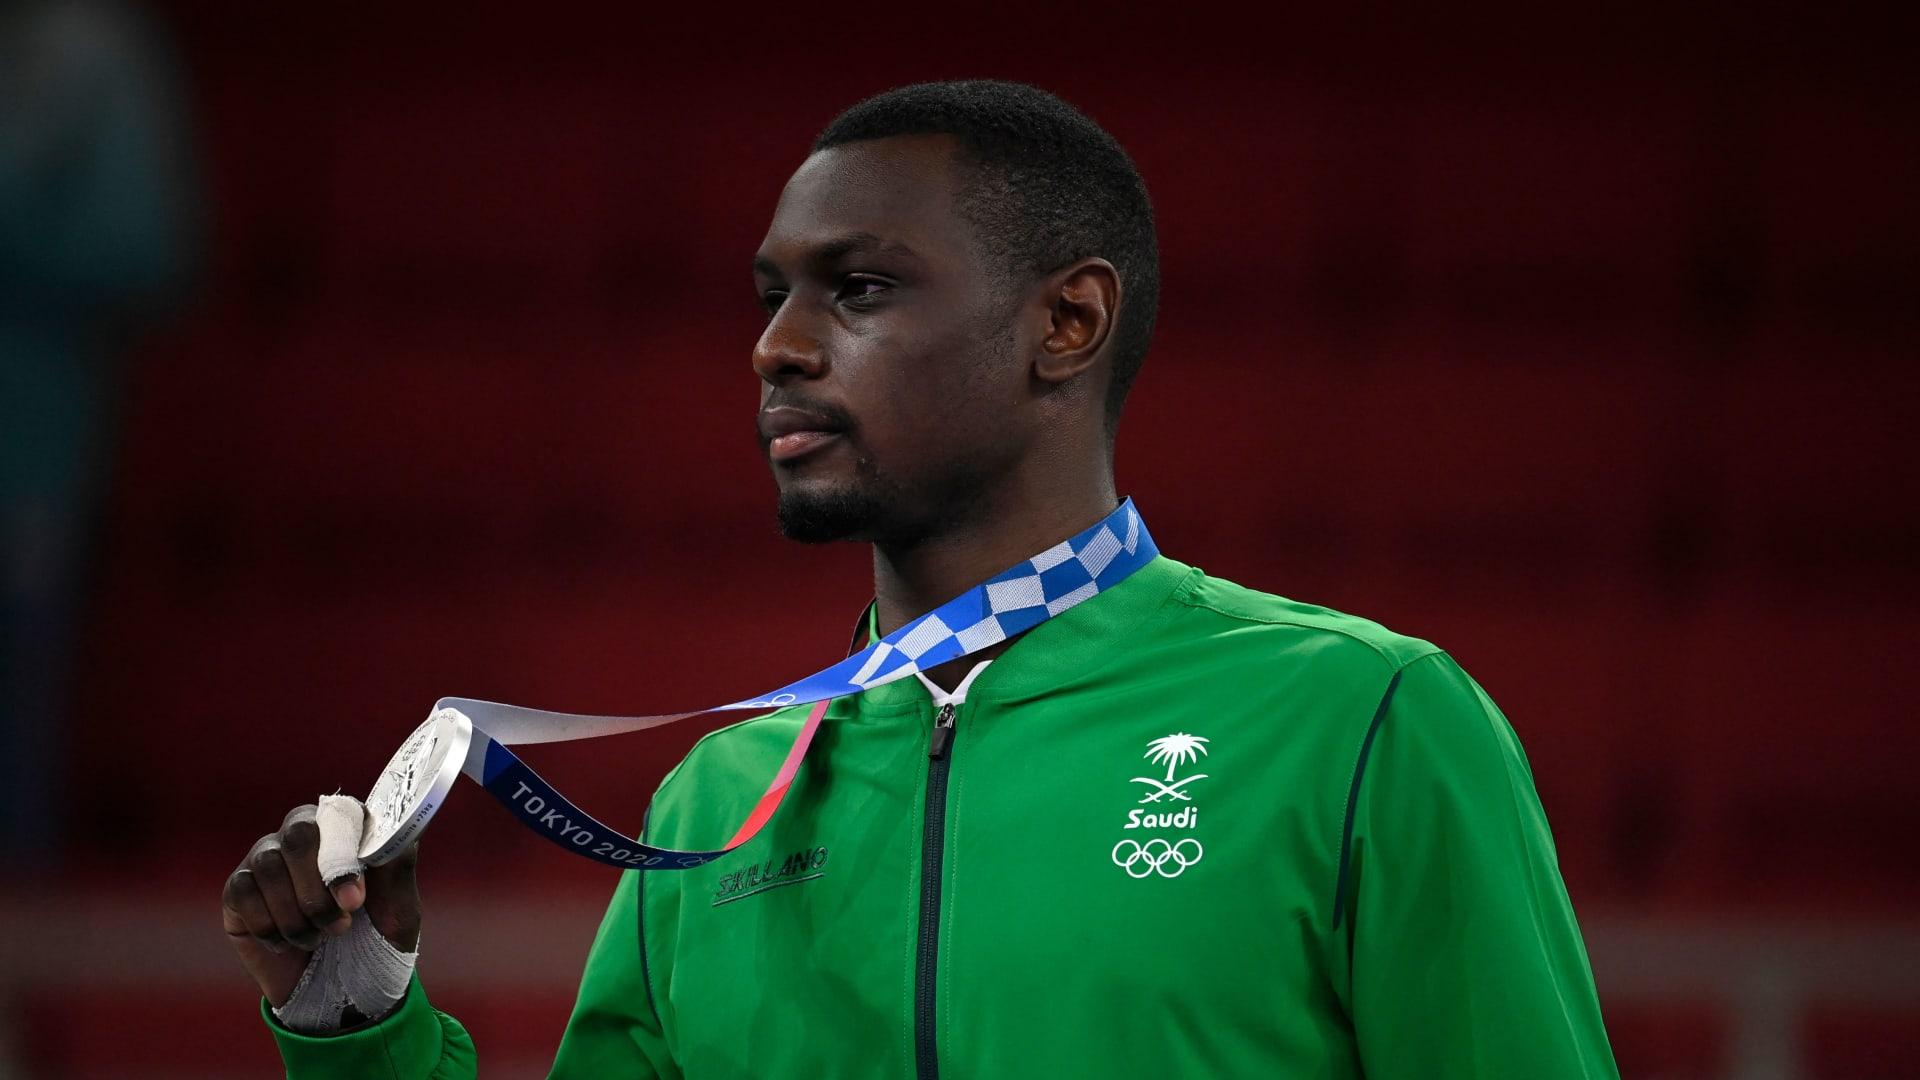 لجين الهذلول توجه رسالة لطارق حامدي بعد تحقيقه فضية أولمبياد طوكيو